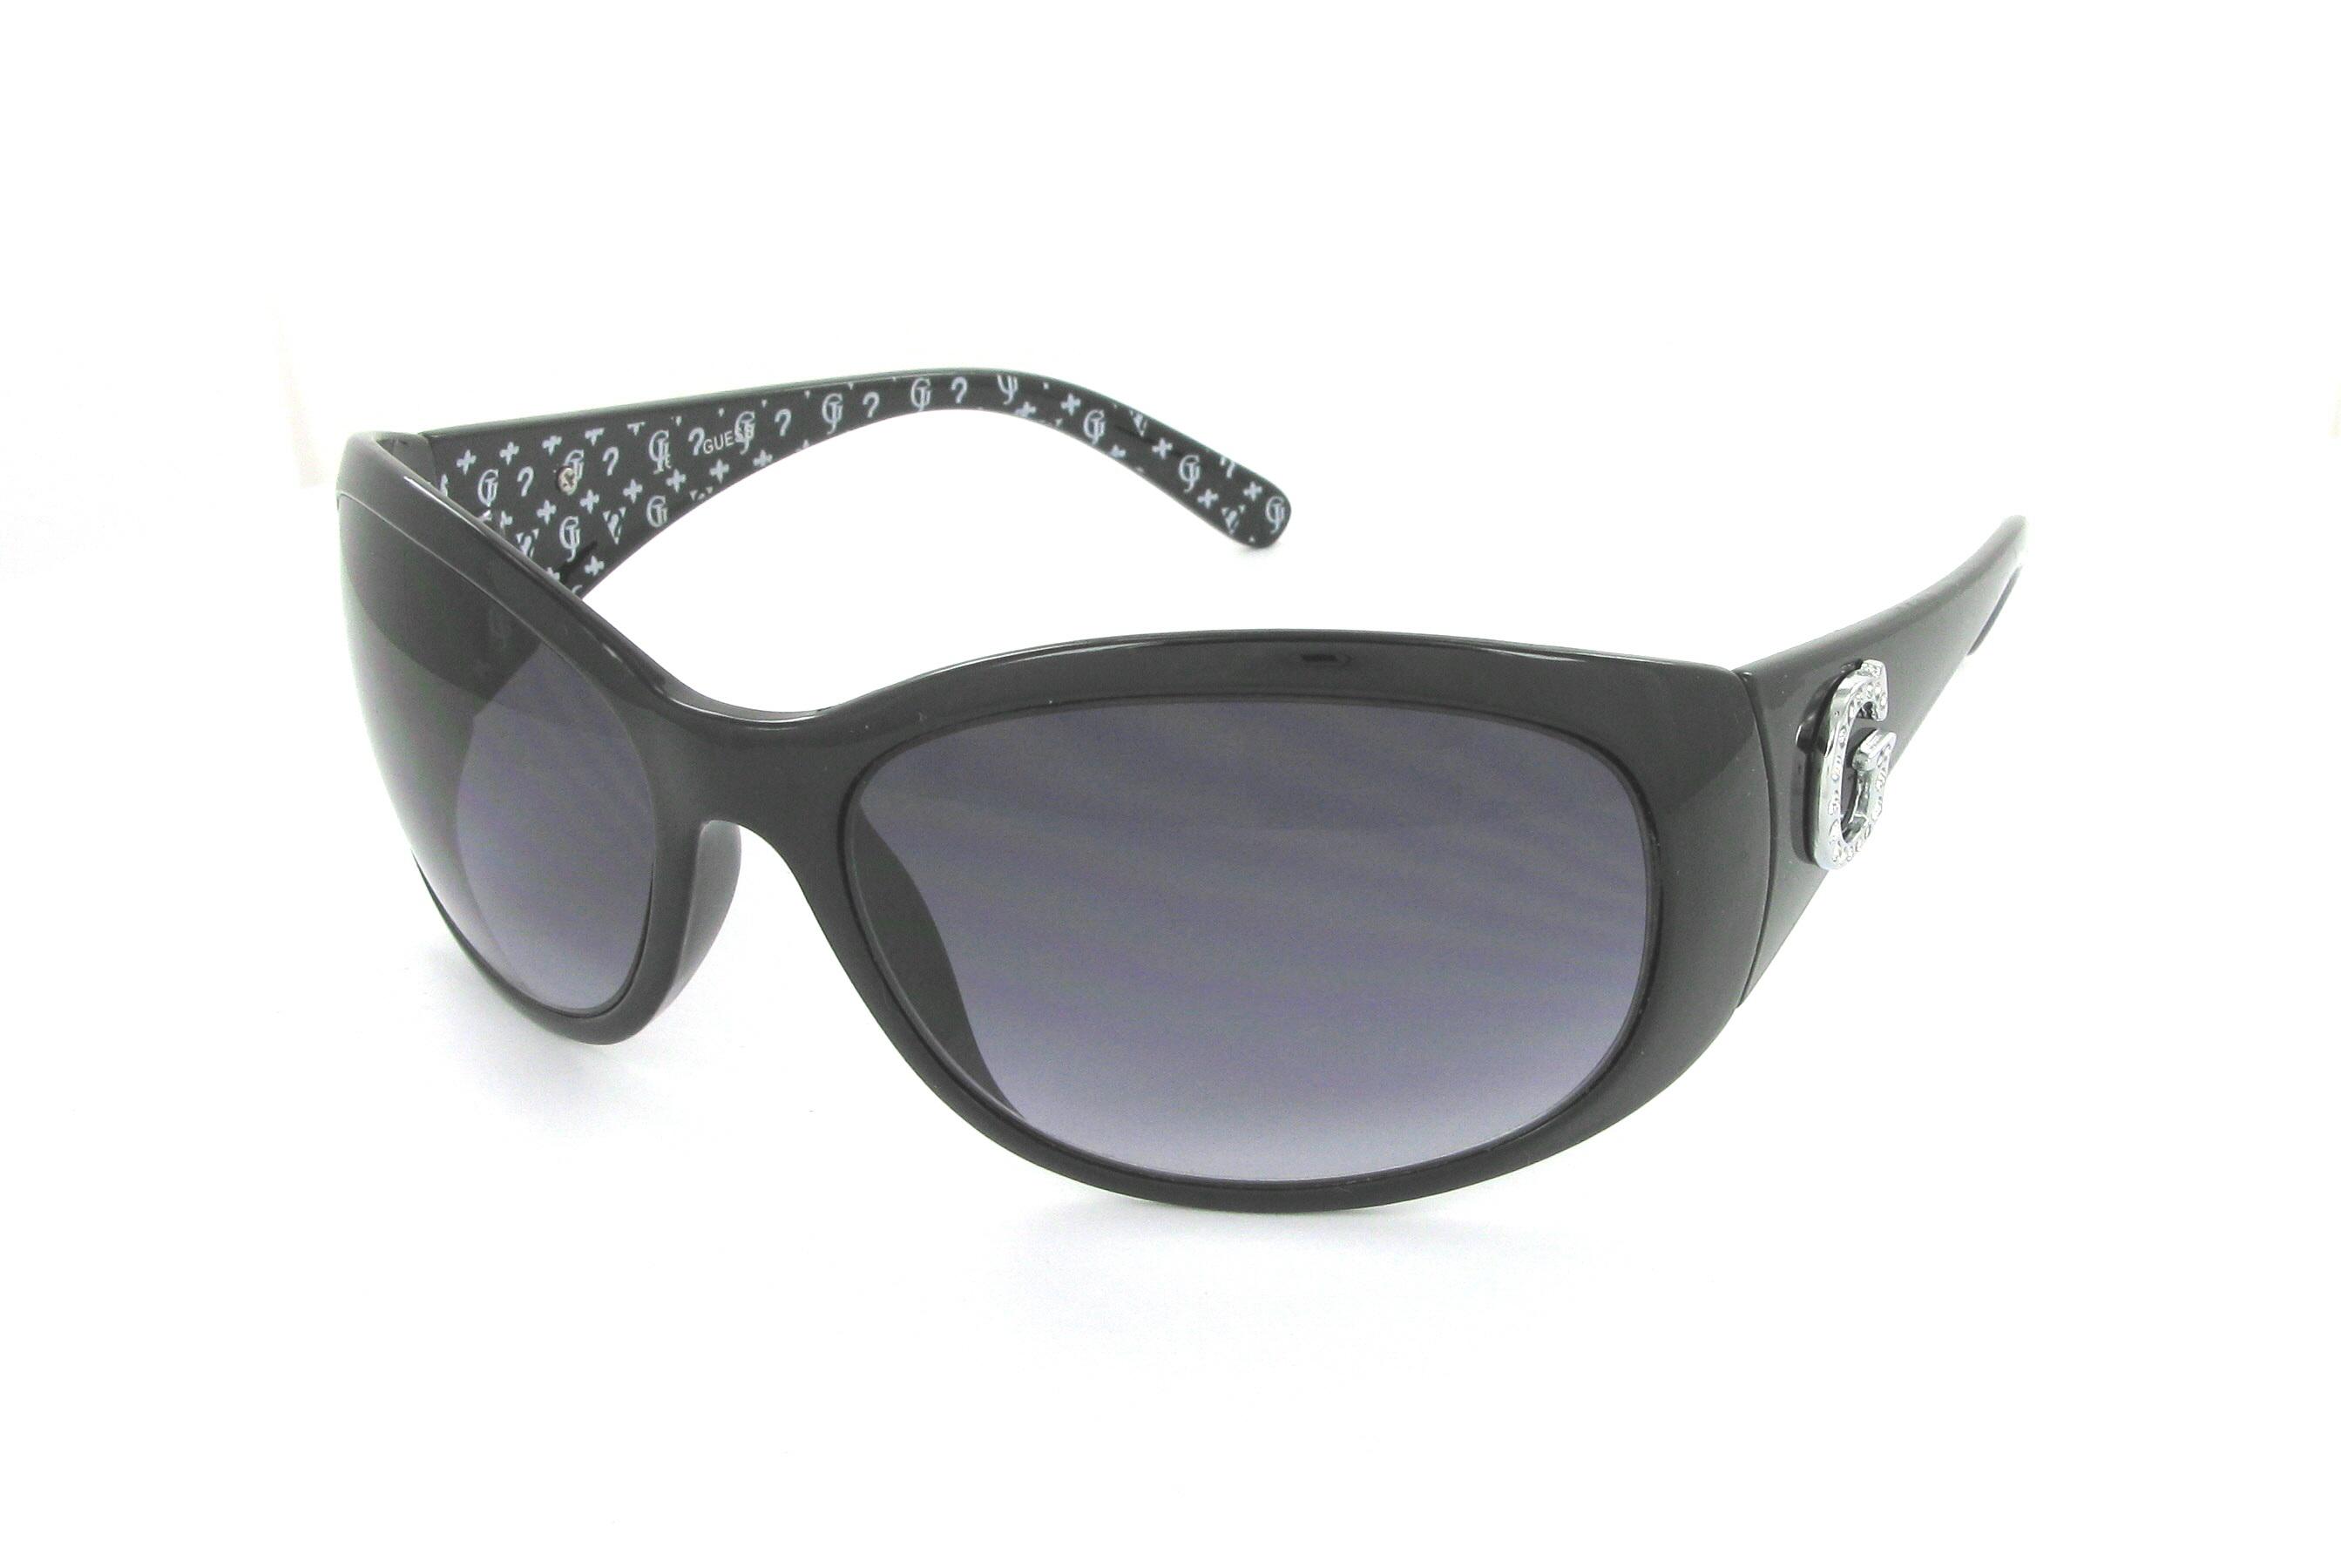 visuel lunettes de soleil guess homme